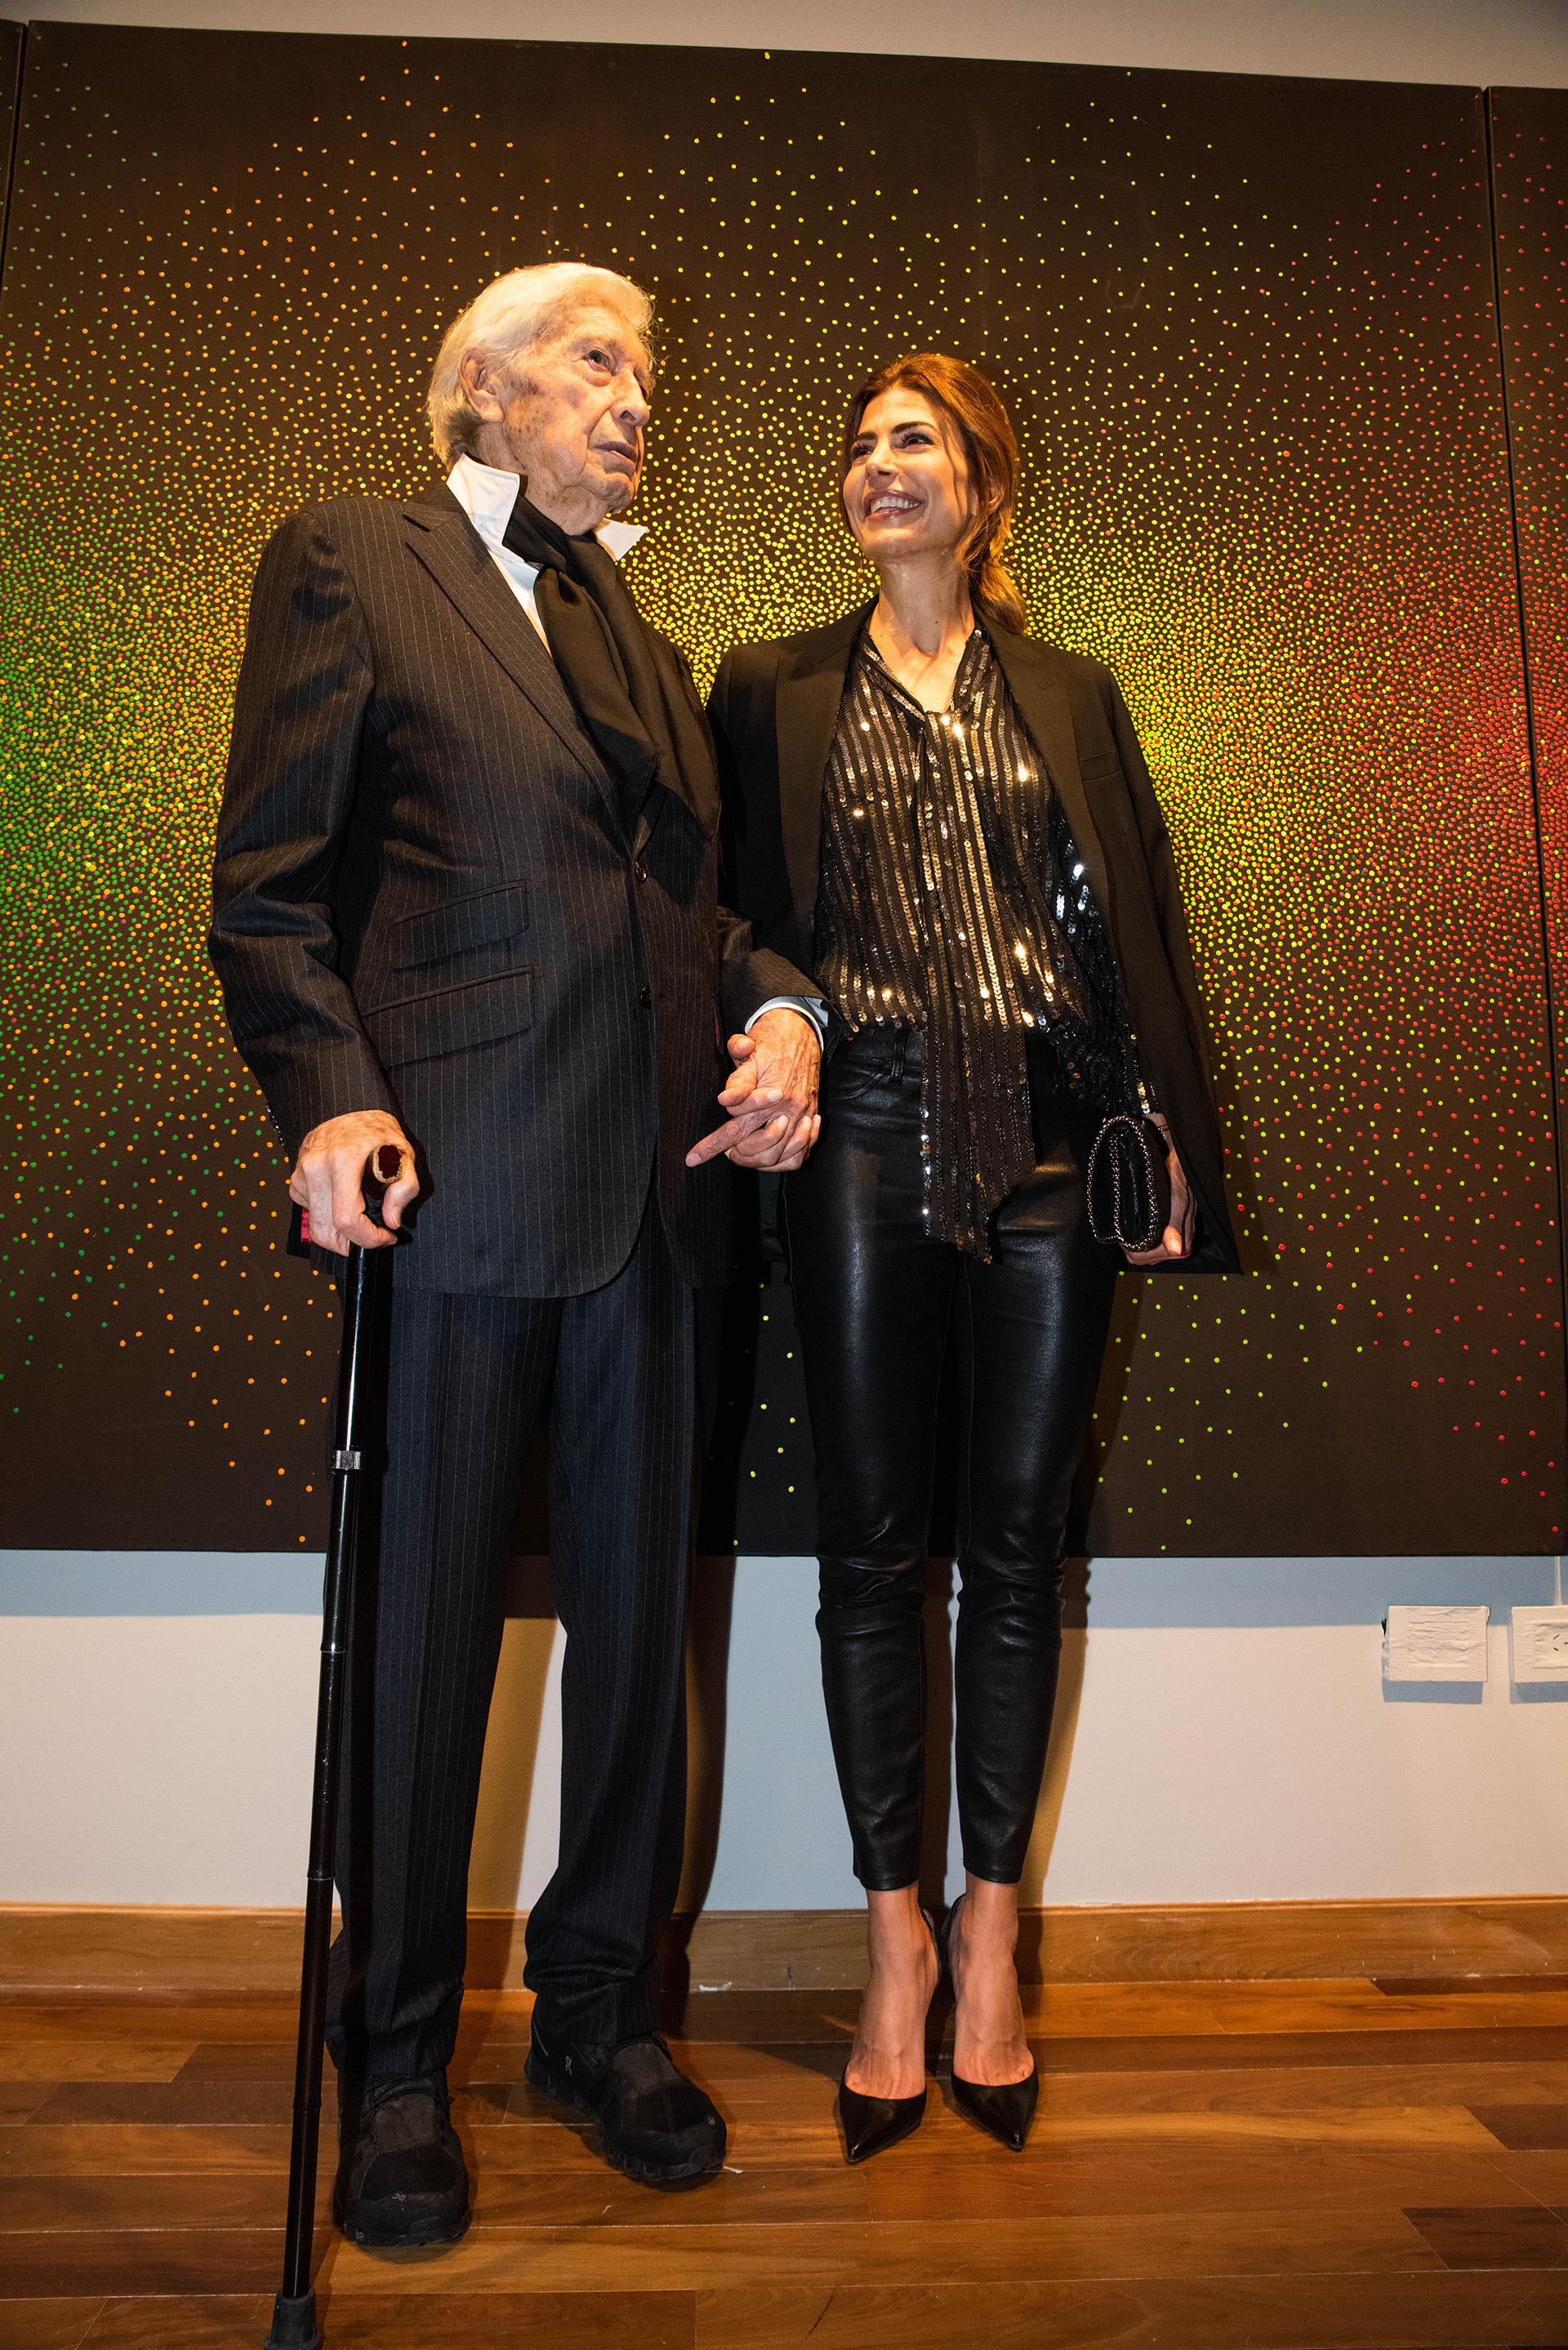 Julio Le Parc y Juliana Awada en la gran apertura del homenaje al artista conceptual argentino